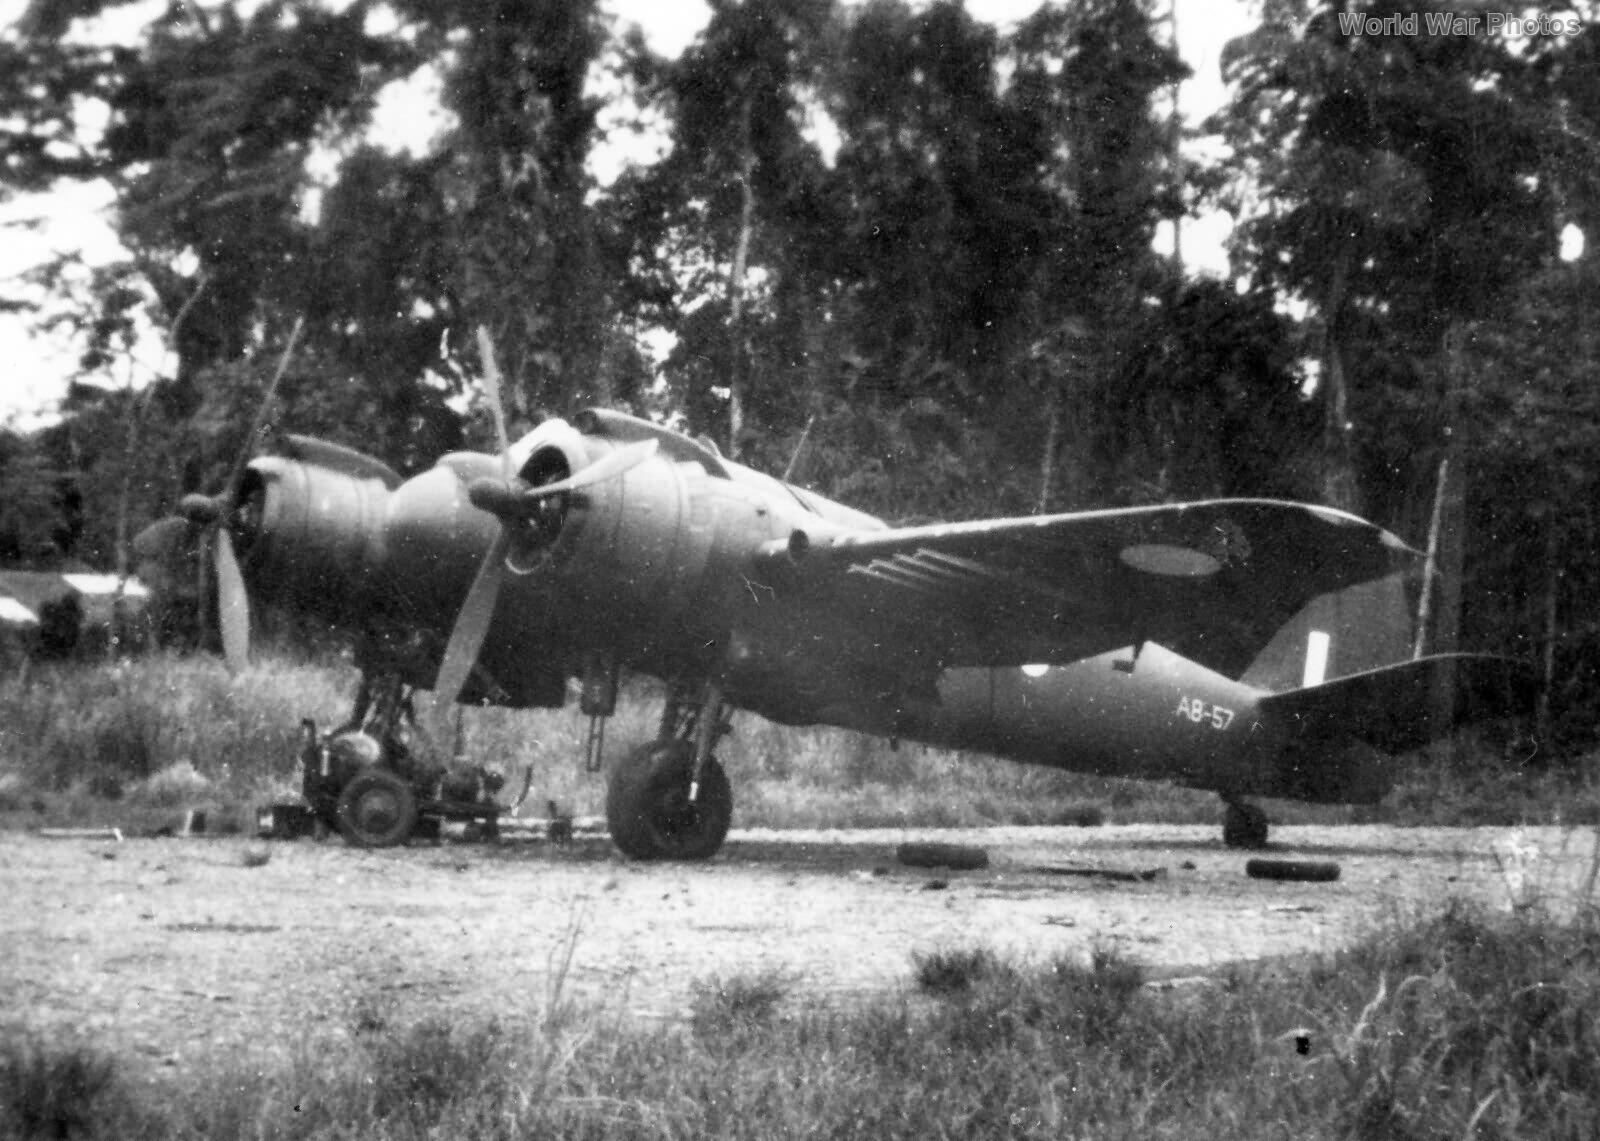 Australian Bristol Beaufighter